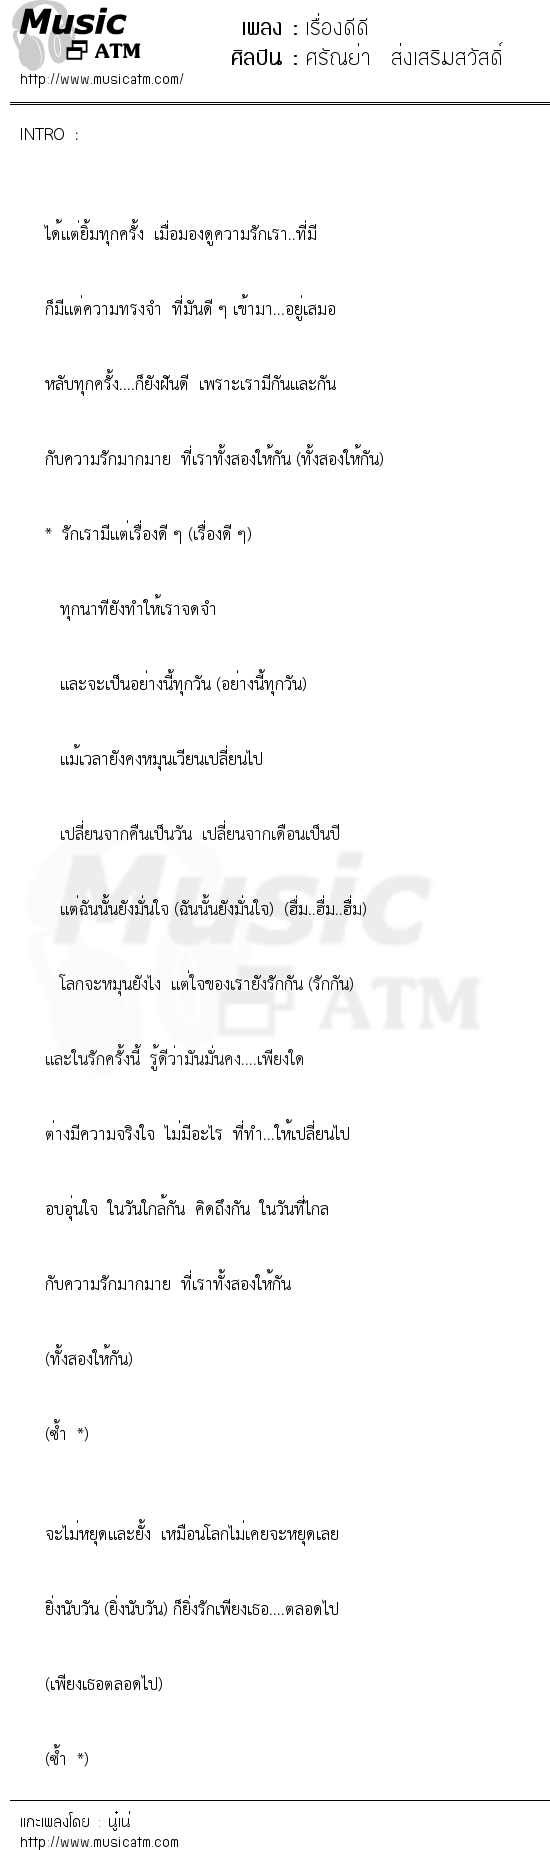 เรื่องดีดี   เพลงไทย